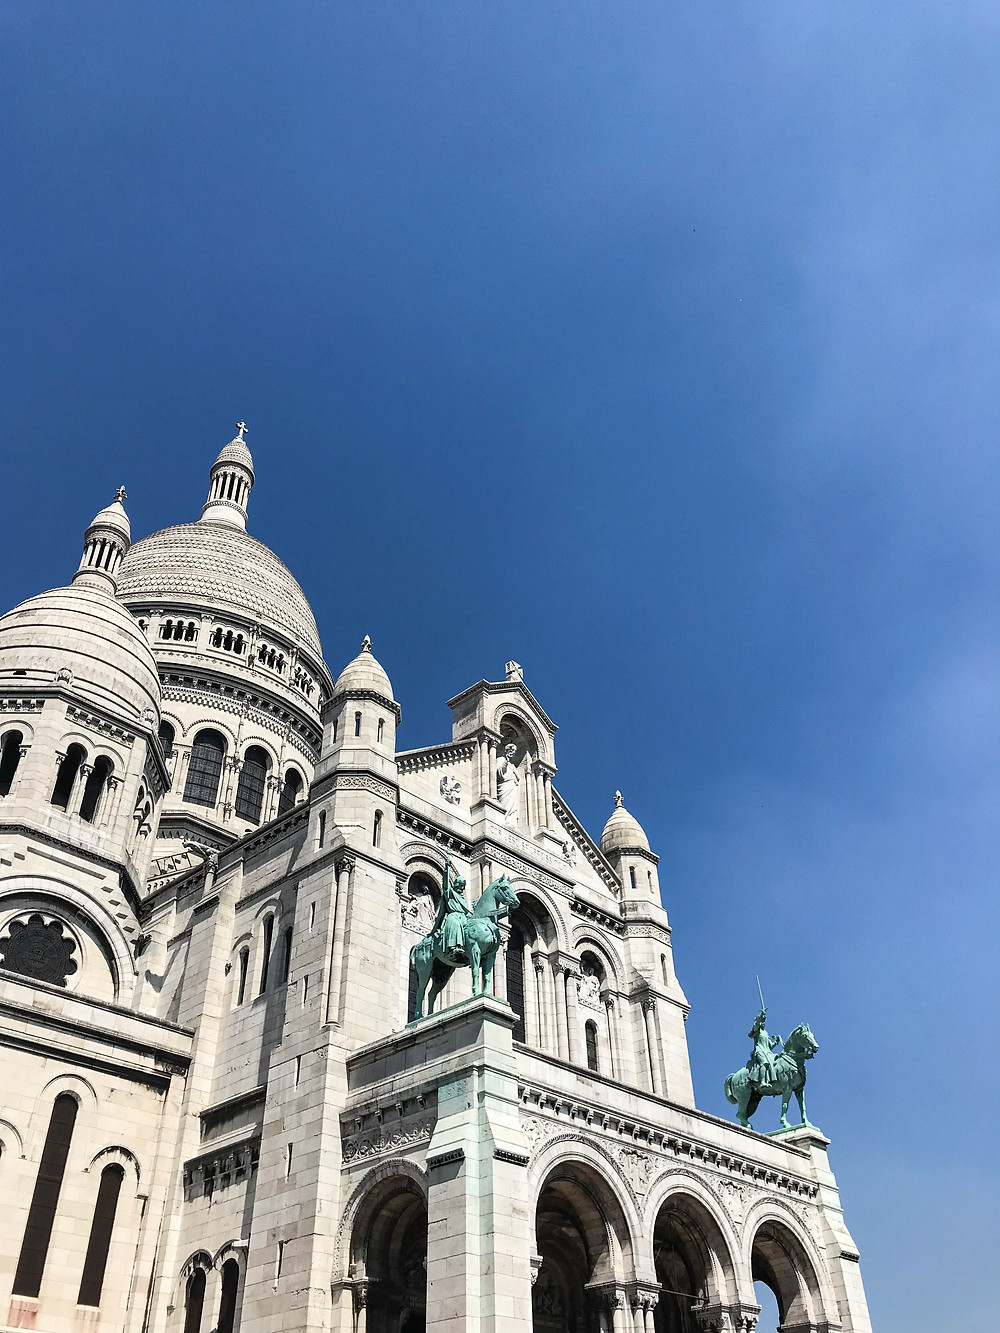 Sacré-Coeur Basilica, Paris, France